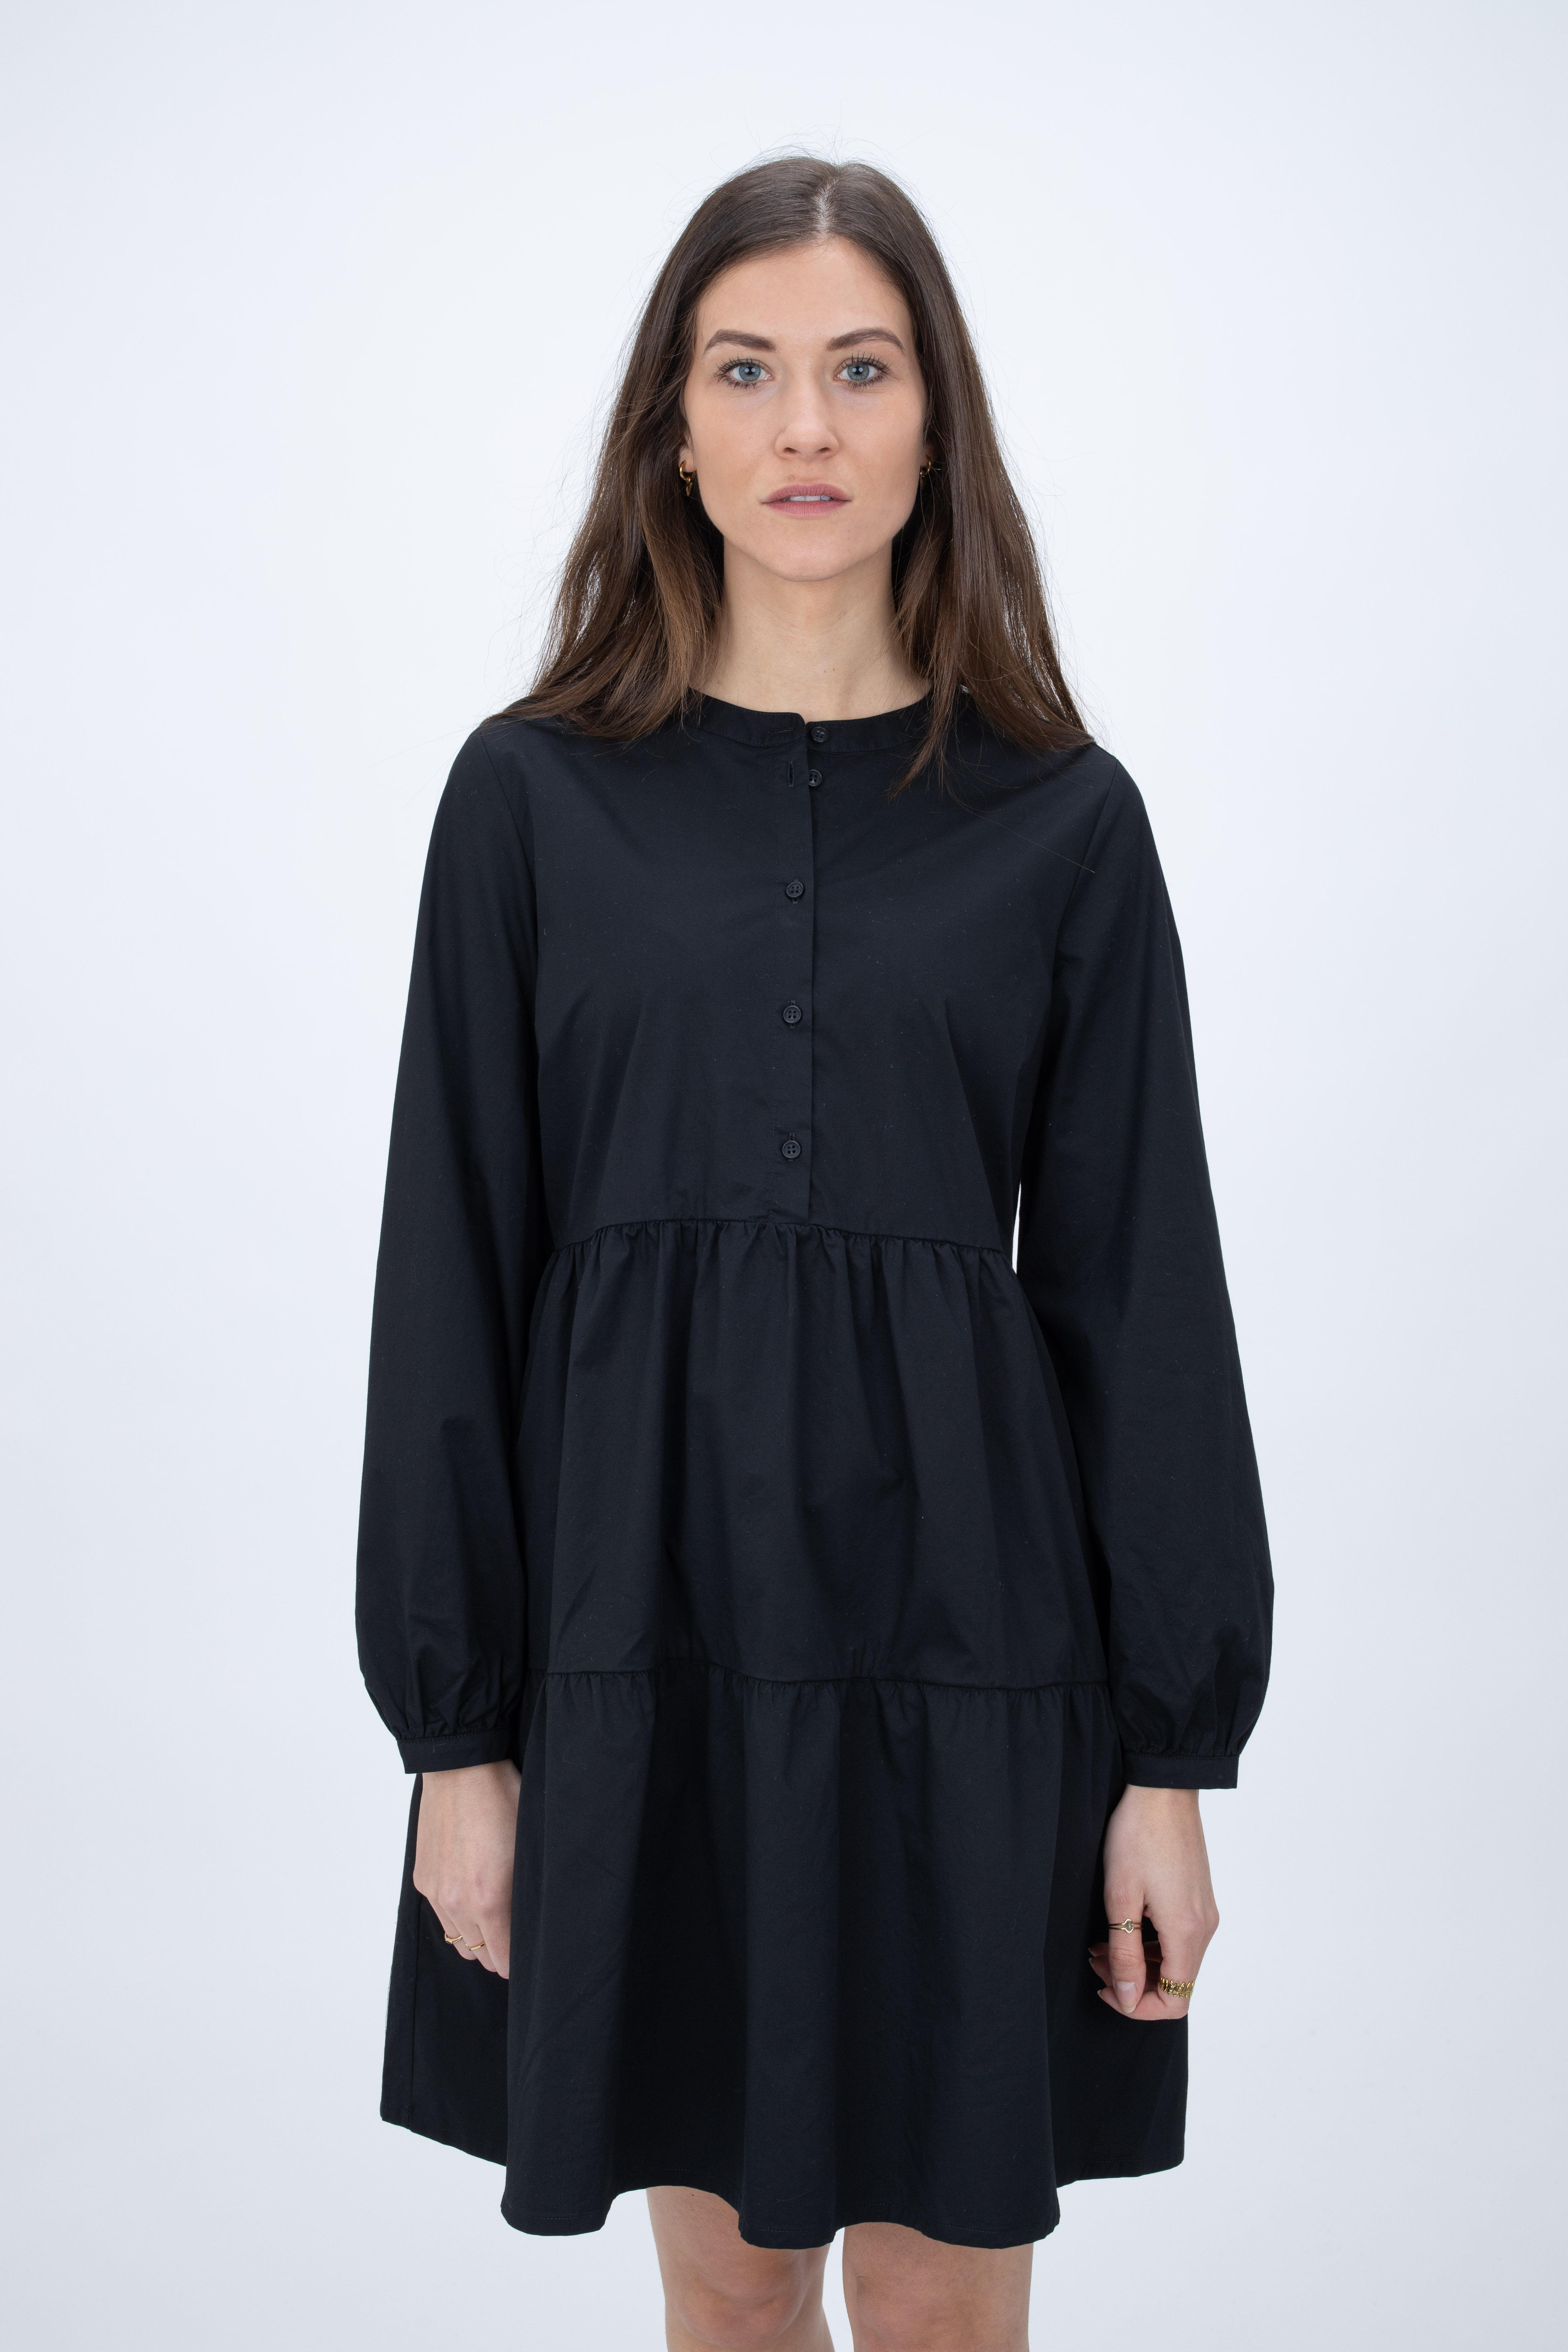 Kleid Kobenhaavn